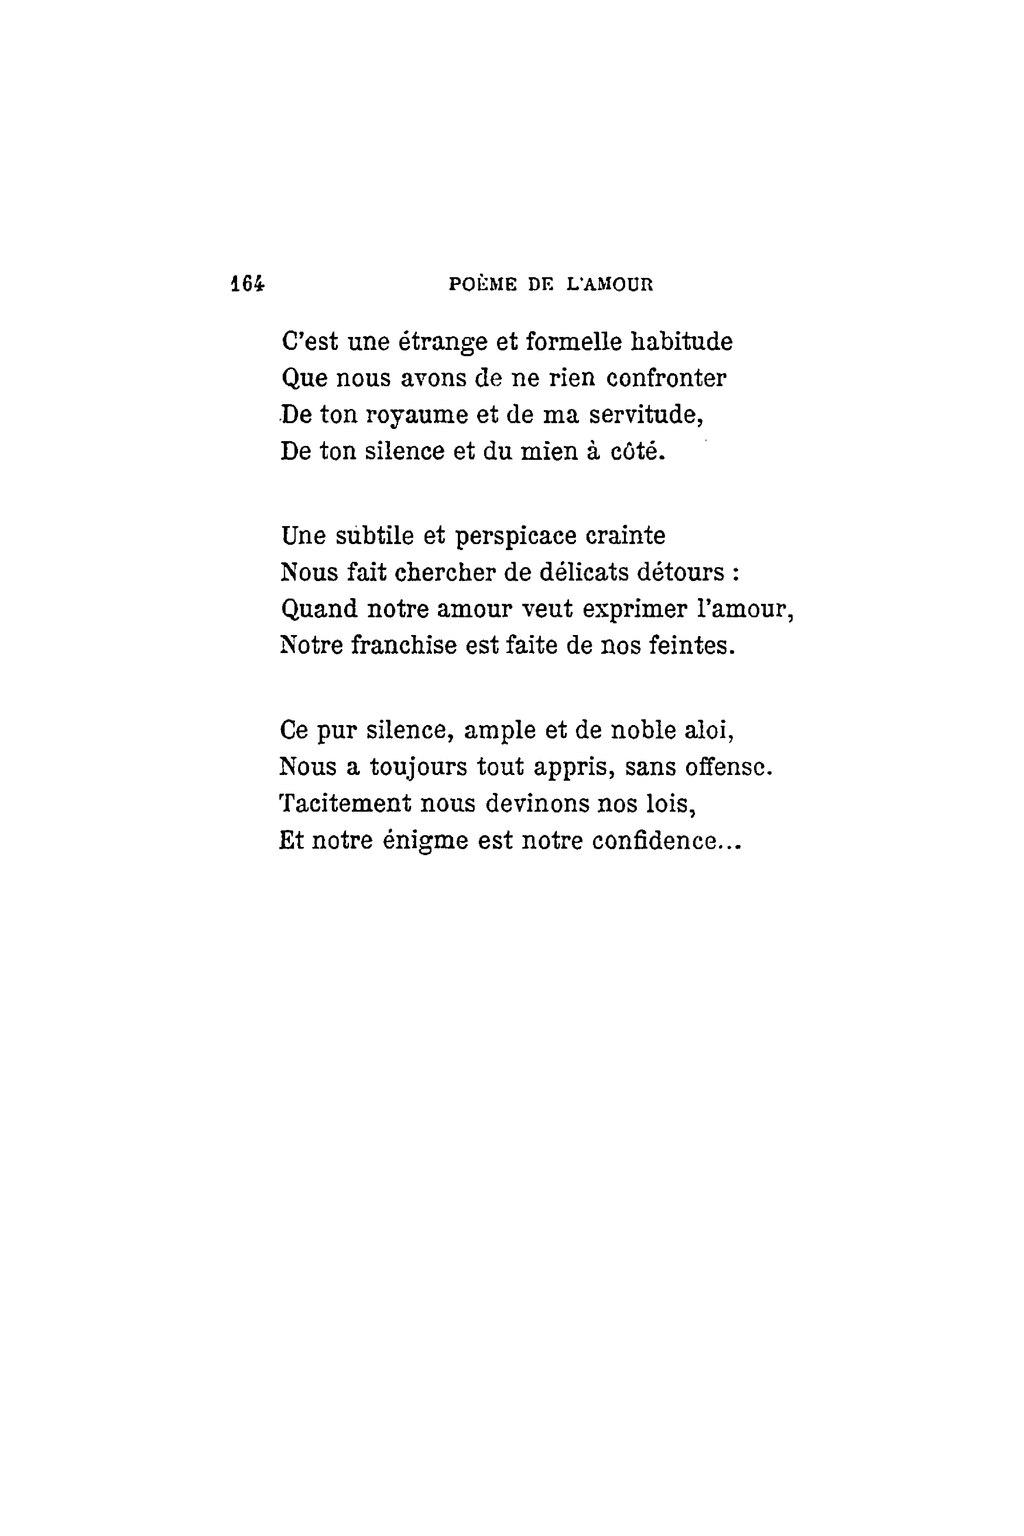 Pagenoailles Poème De Lamour 1924djvu162 Wikisource